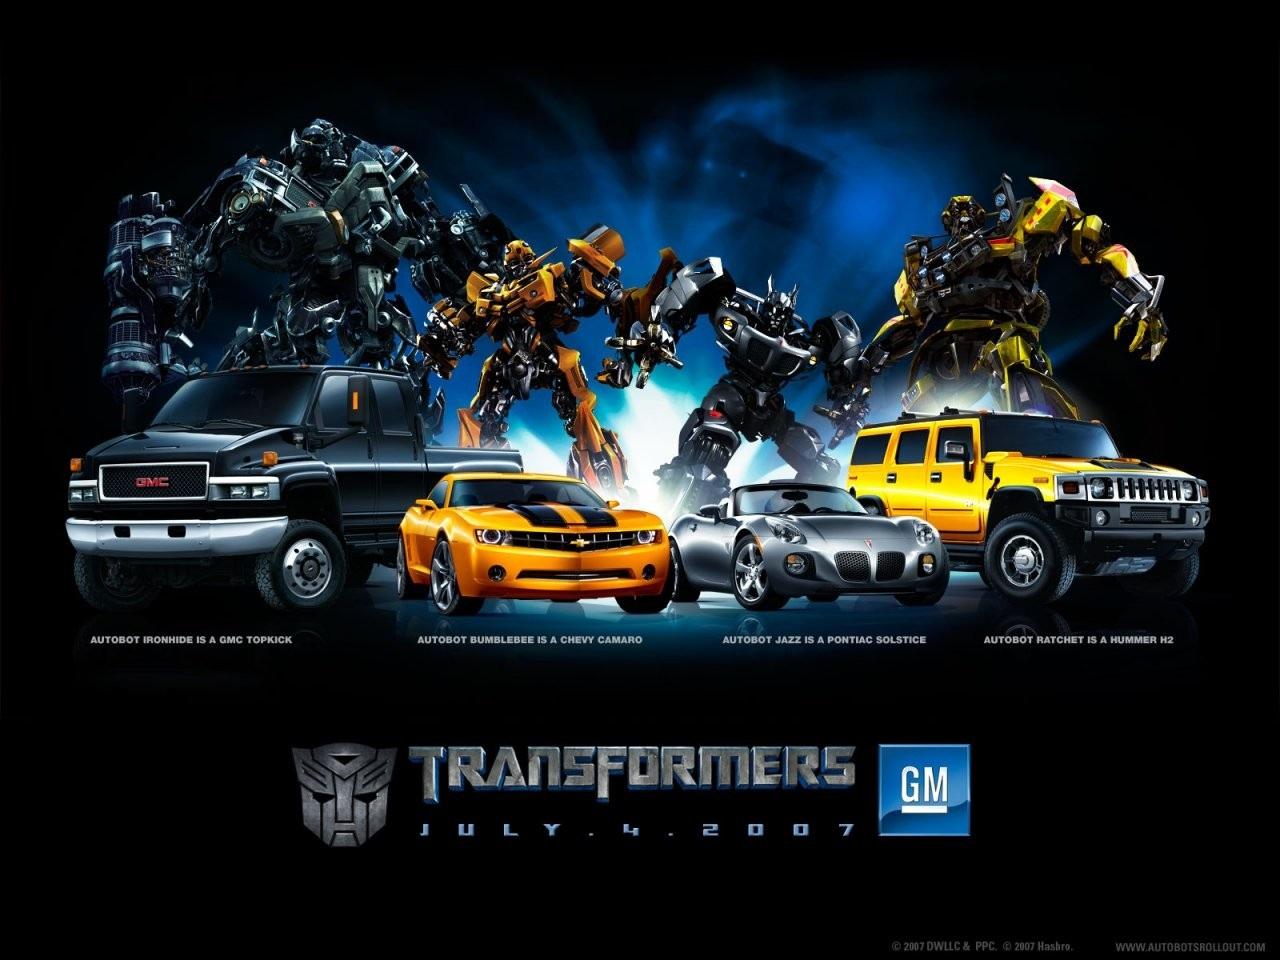 http://1.bp.blogspot.com/-arH15Do1j3Q/UW9hpnhqMrI/AAAAAAAArn0/sJEUTKR82jM/s1600/Transformers+wallpaper+(4).jpg